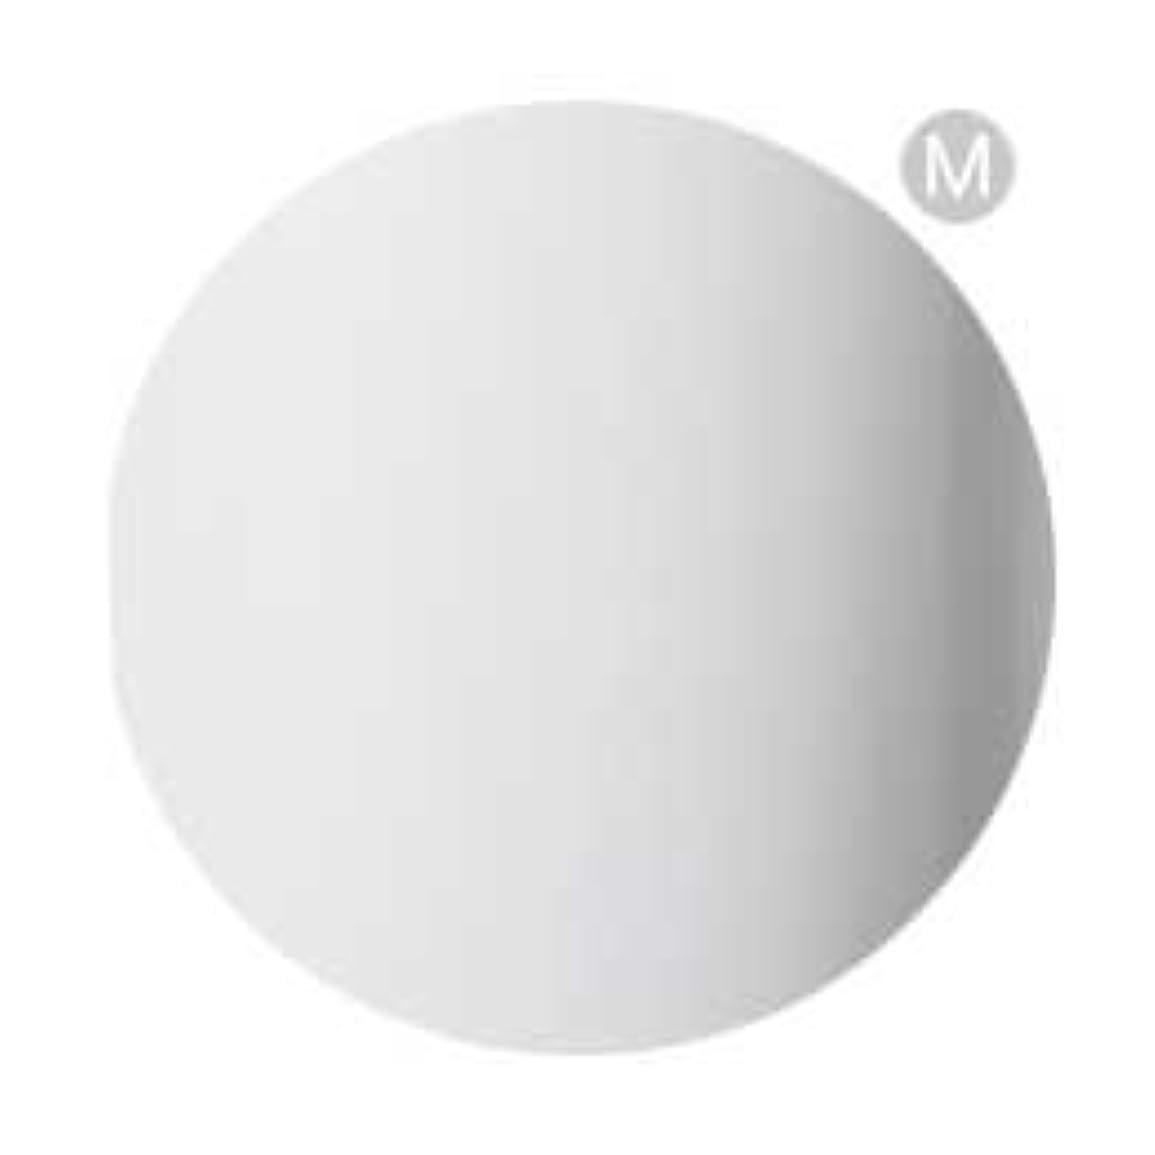 ロッジ汚染するデマンドPalms Graceful カラージェル 3g 007 ホワイト